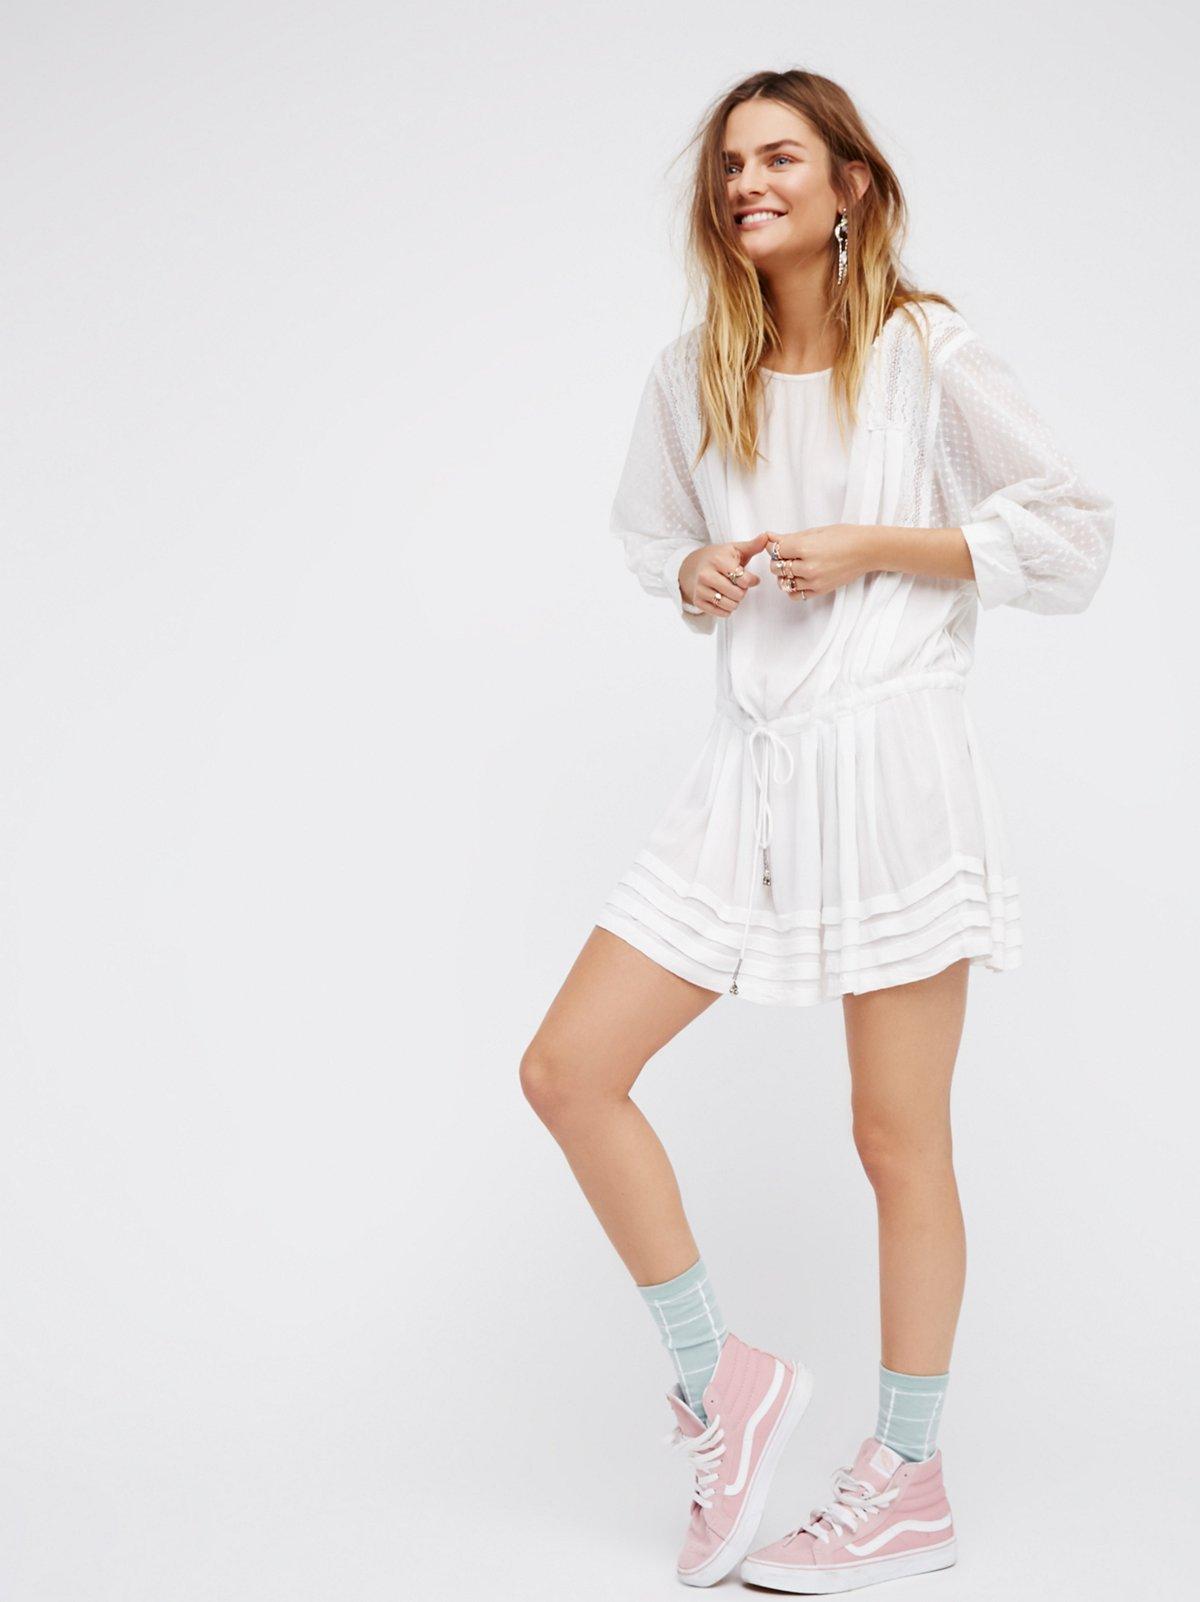 Jeanine裙衫